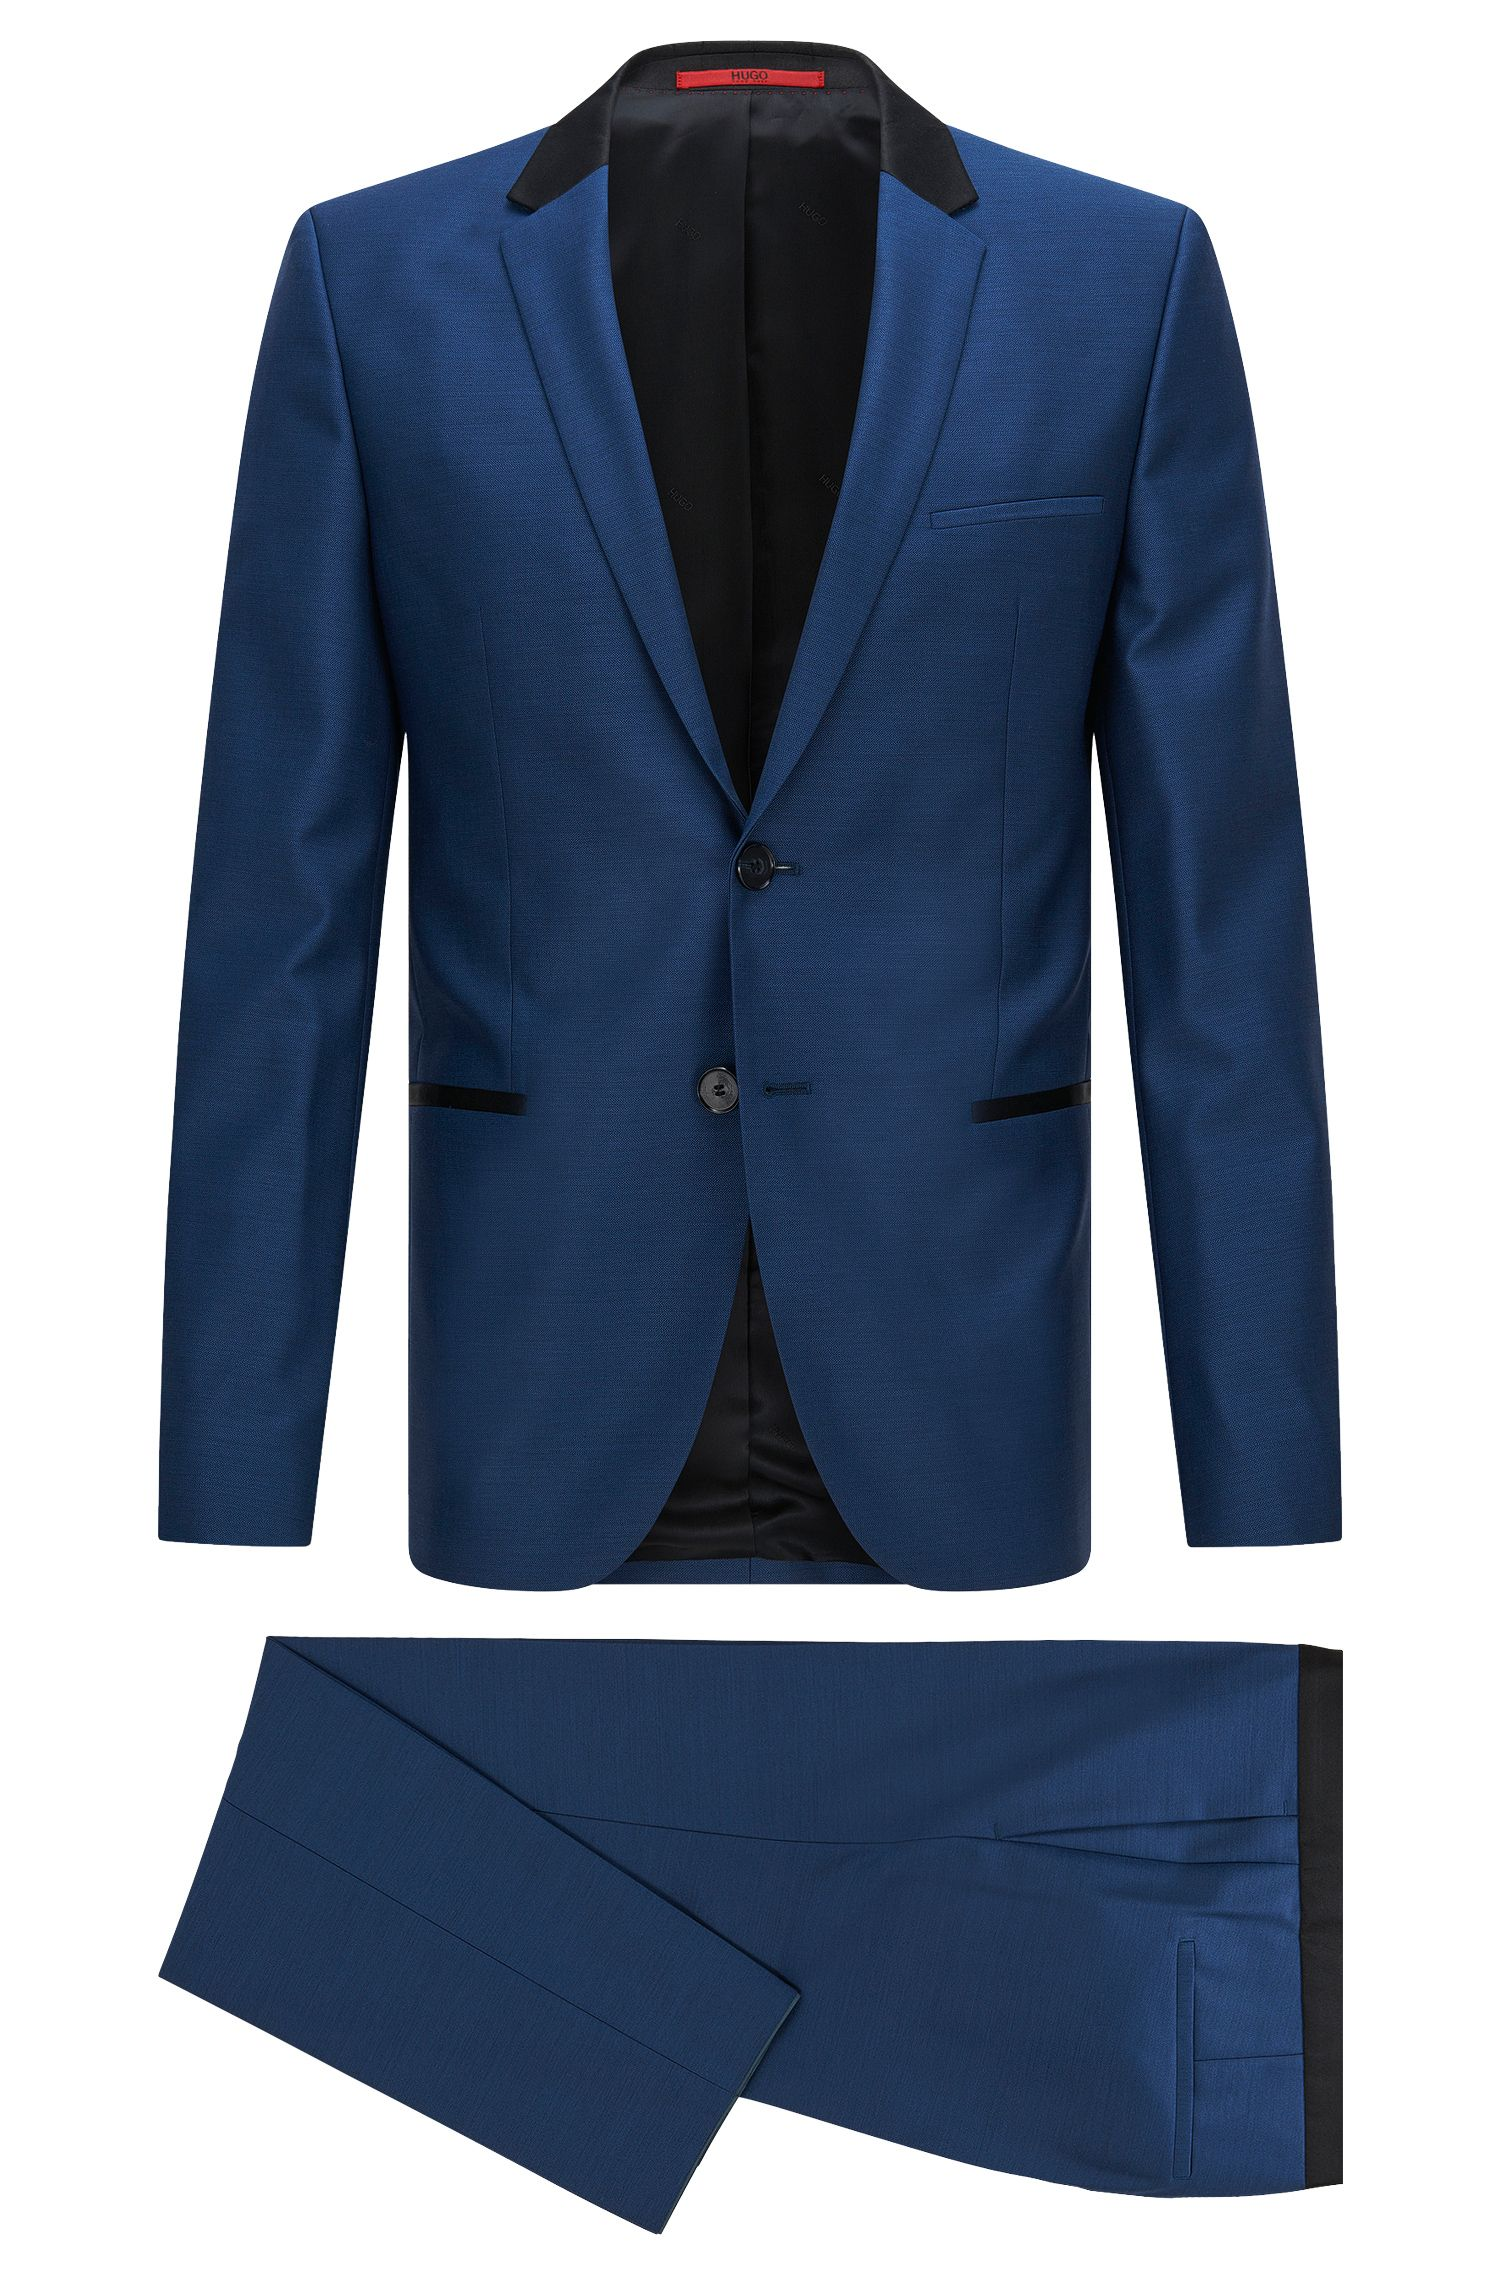 Super 110 Virgin Wool Suit, Slim Fit | Anly/Hetin